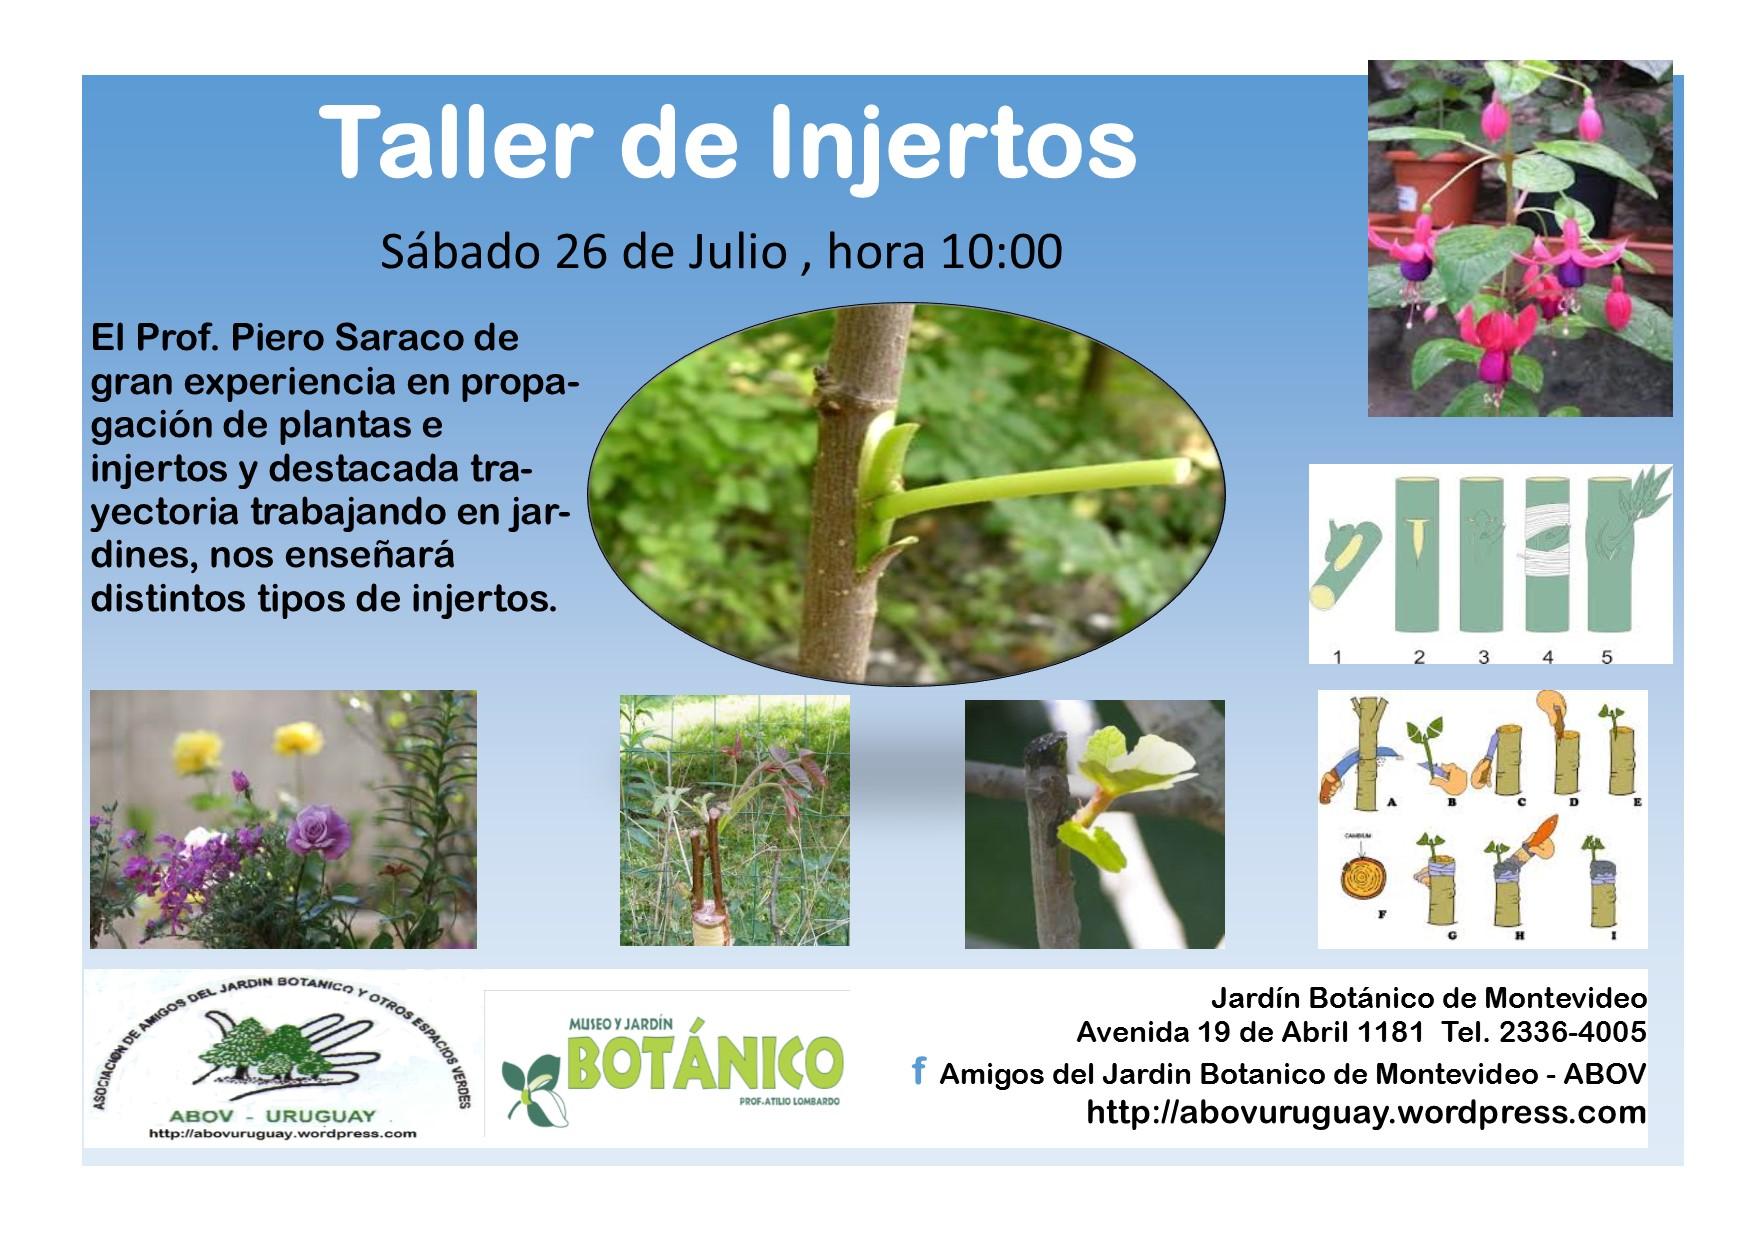 Taller de injertos piero saraco asociacion de amigos for Amigos del jardin botanico